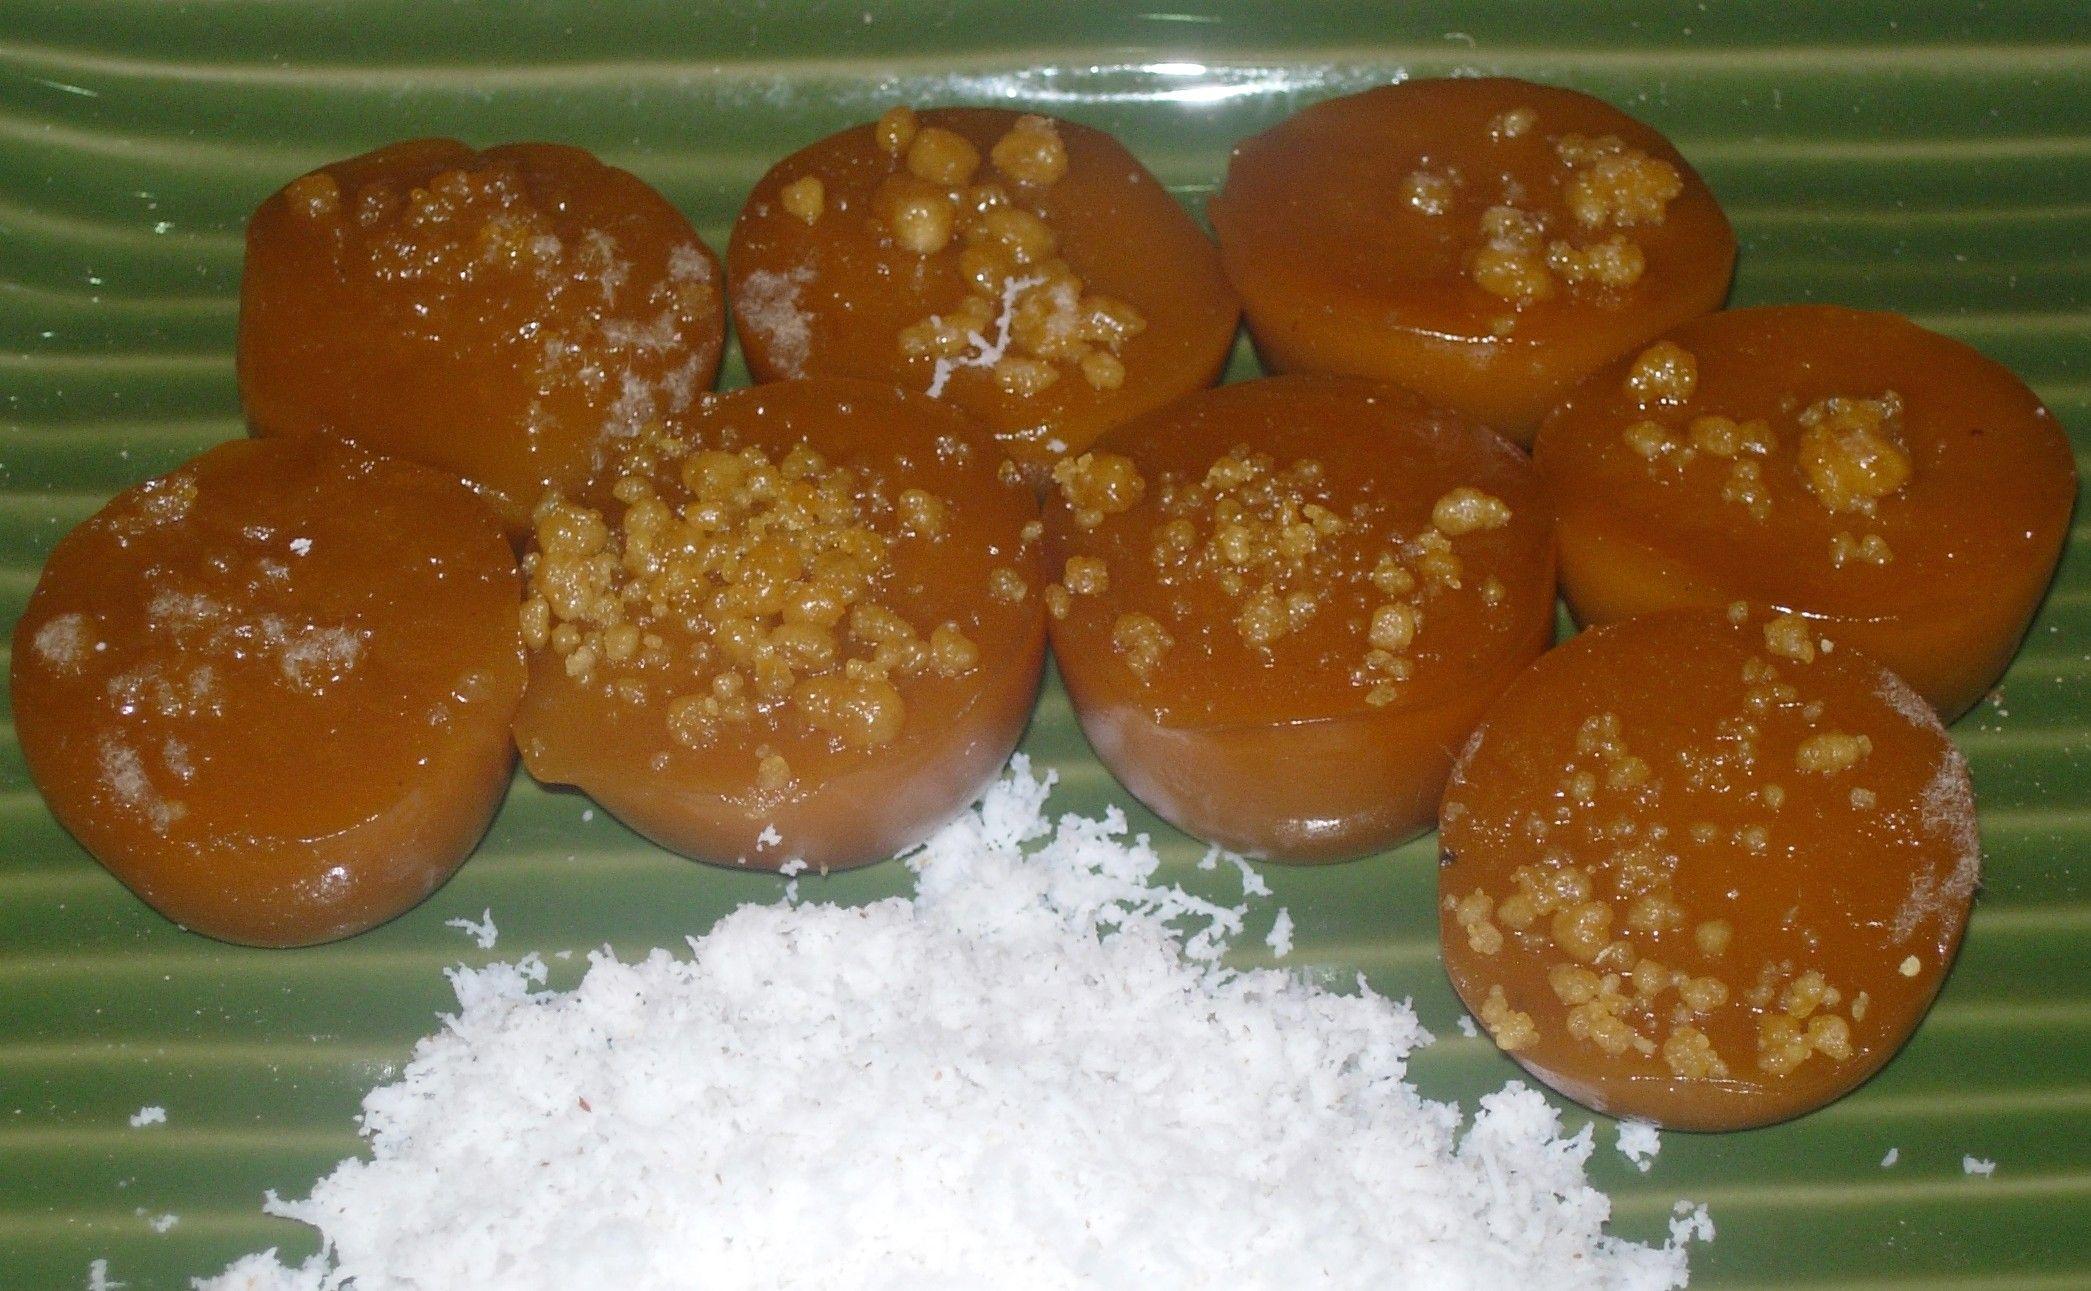 Resep Kue Sengkulun Gula Merah Khas Betawi Resepnet Resep Kue Kue Resep